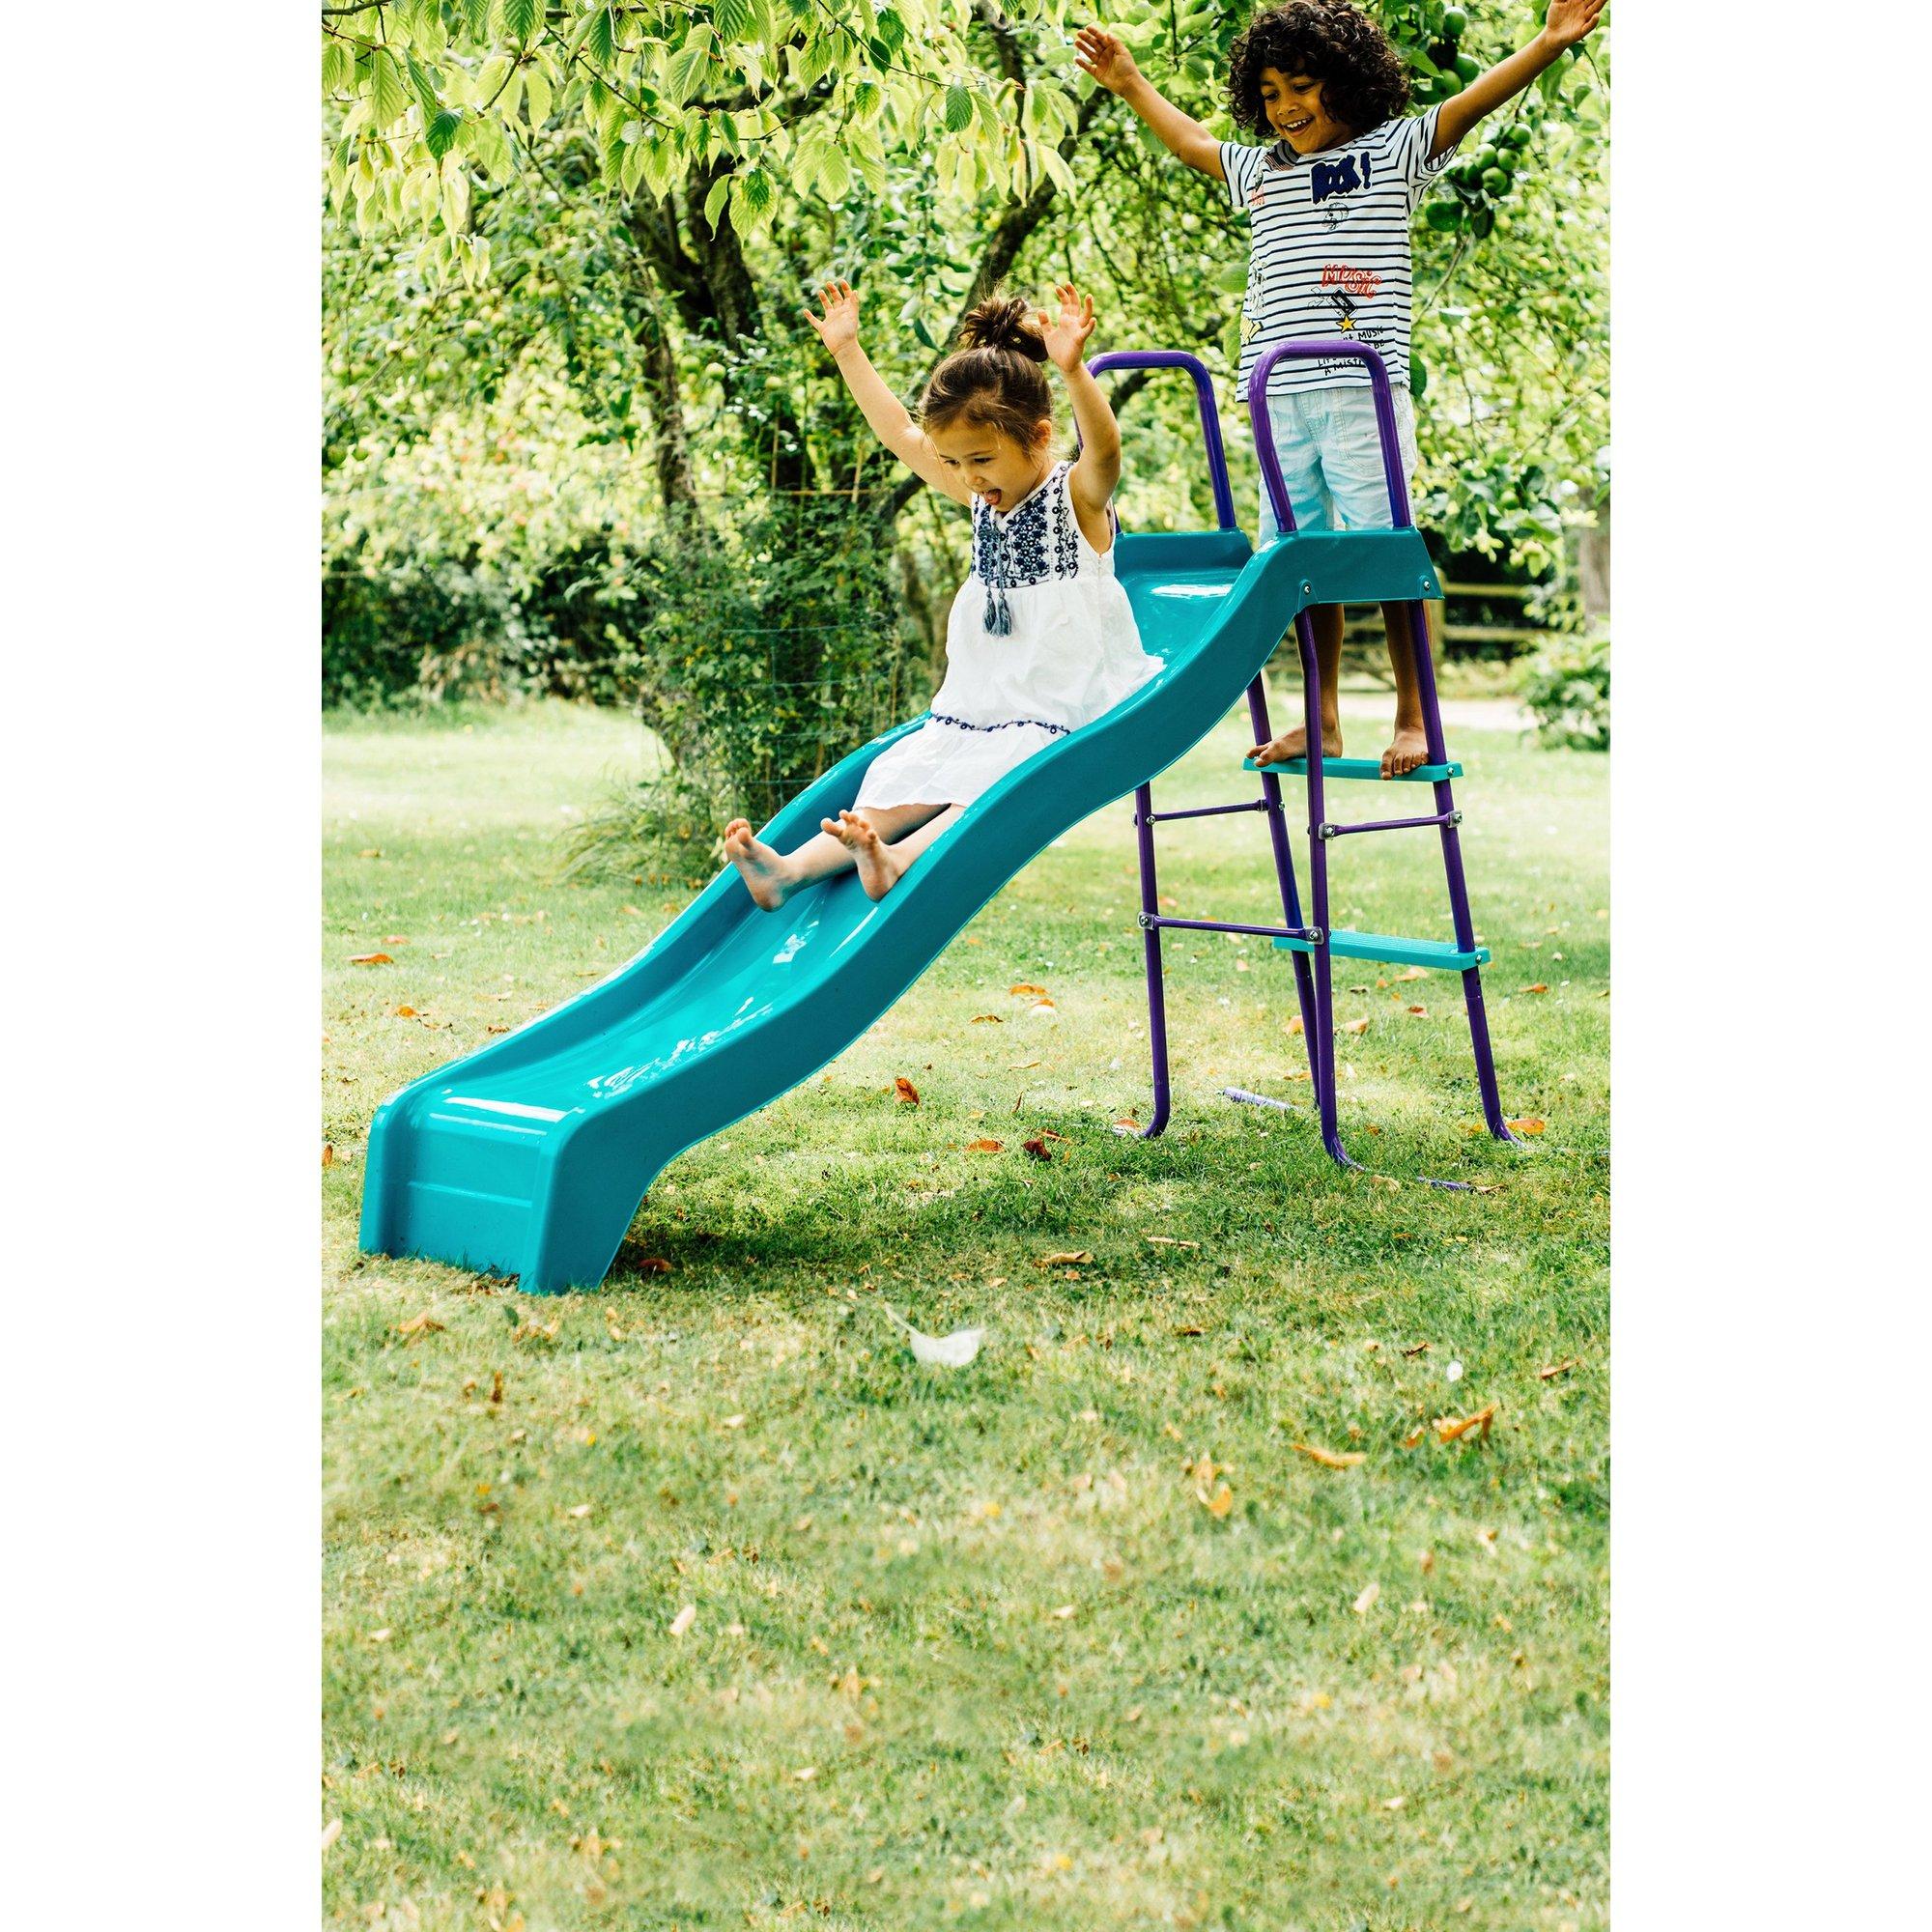 Image of Plum 7ft Slide